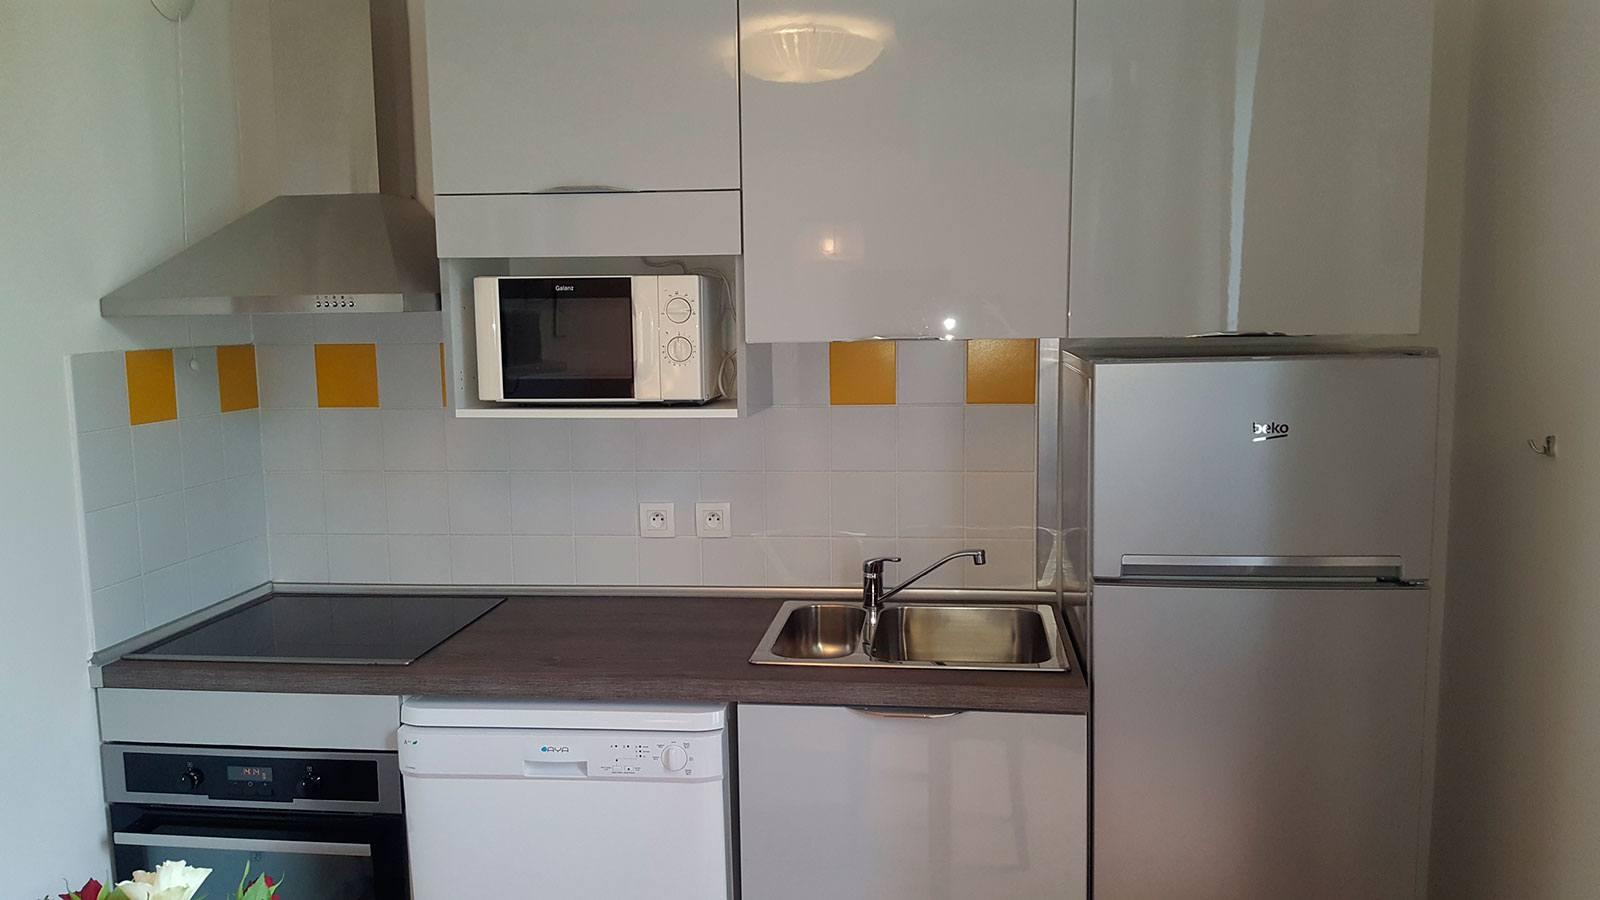 le-cerf-la-cuisine-1